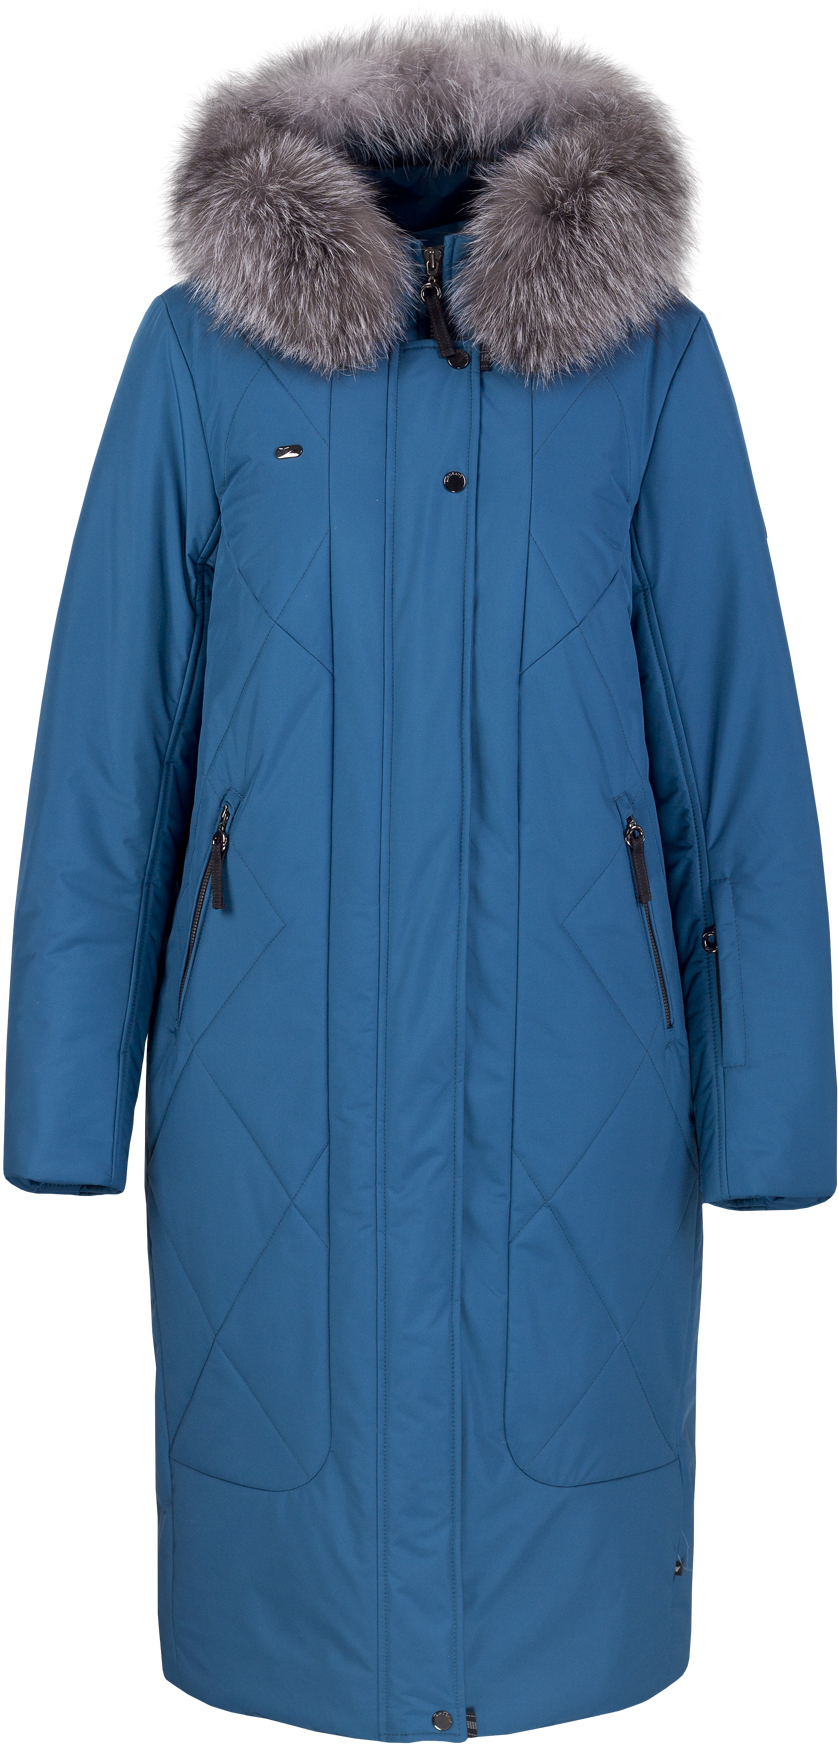 Куртка жен зима 3072F LimoLady — фото 3